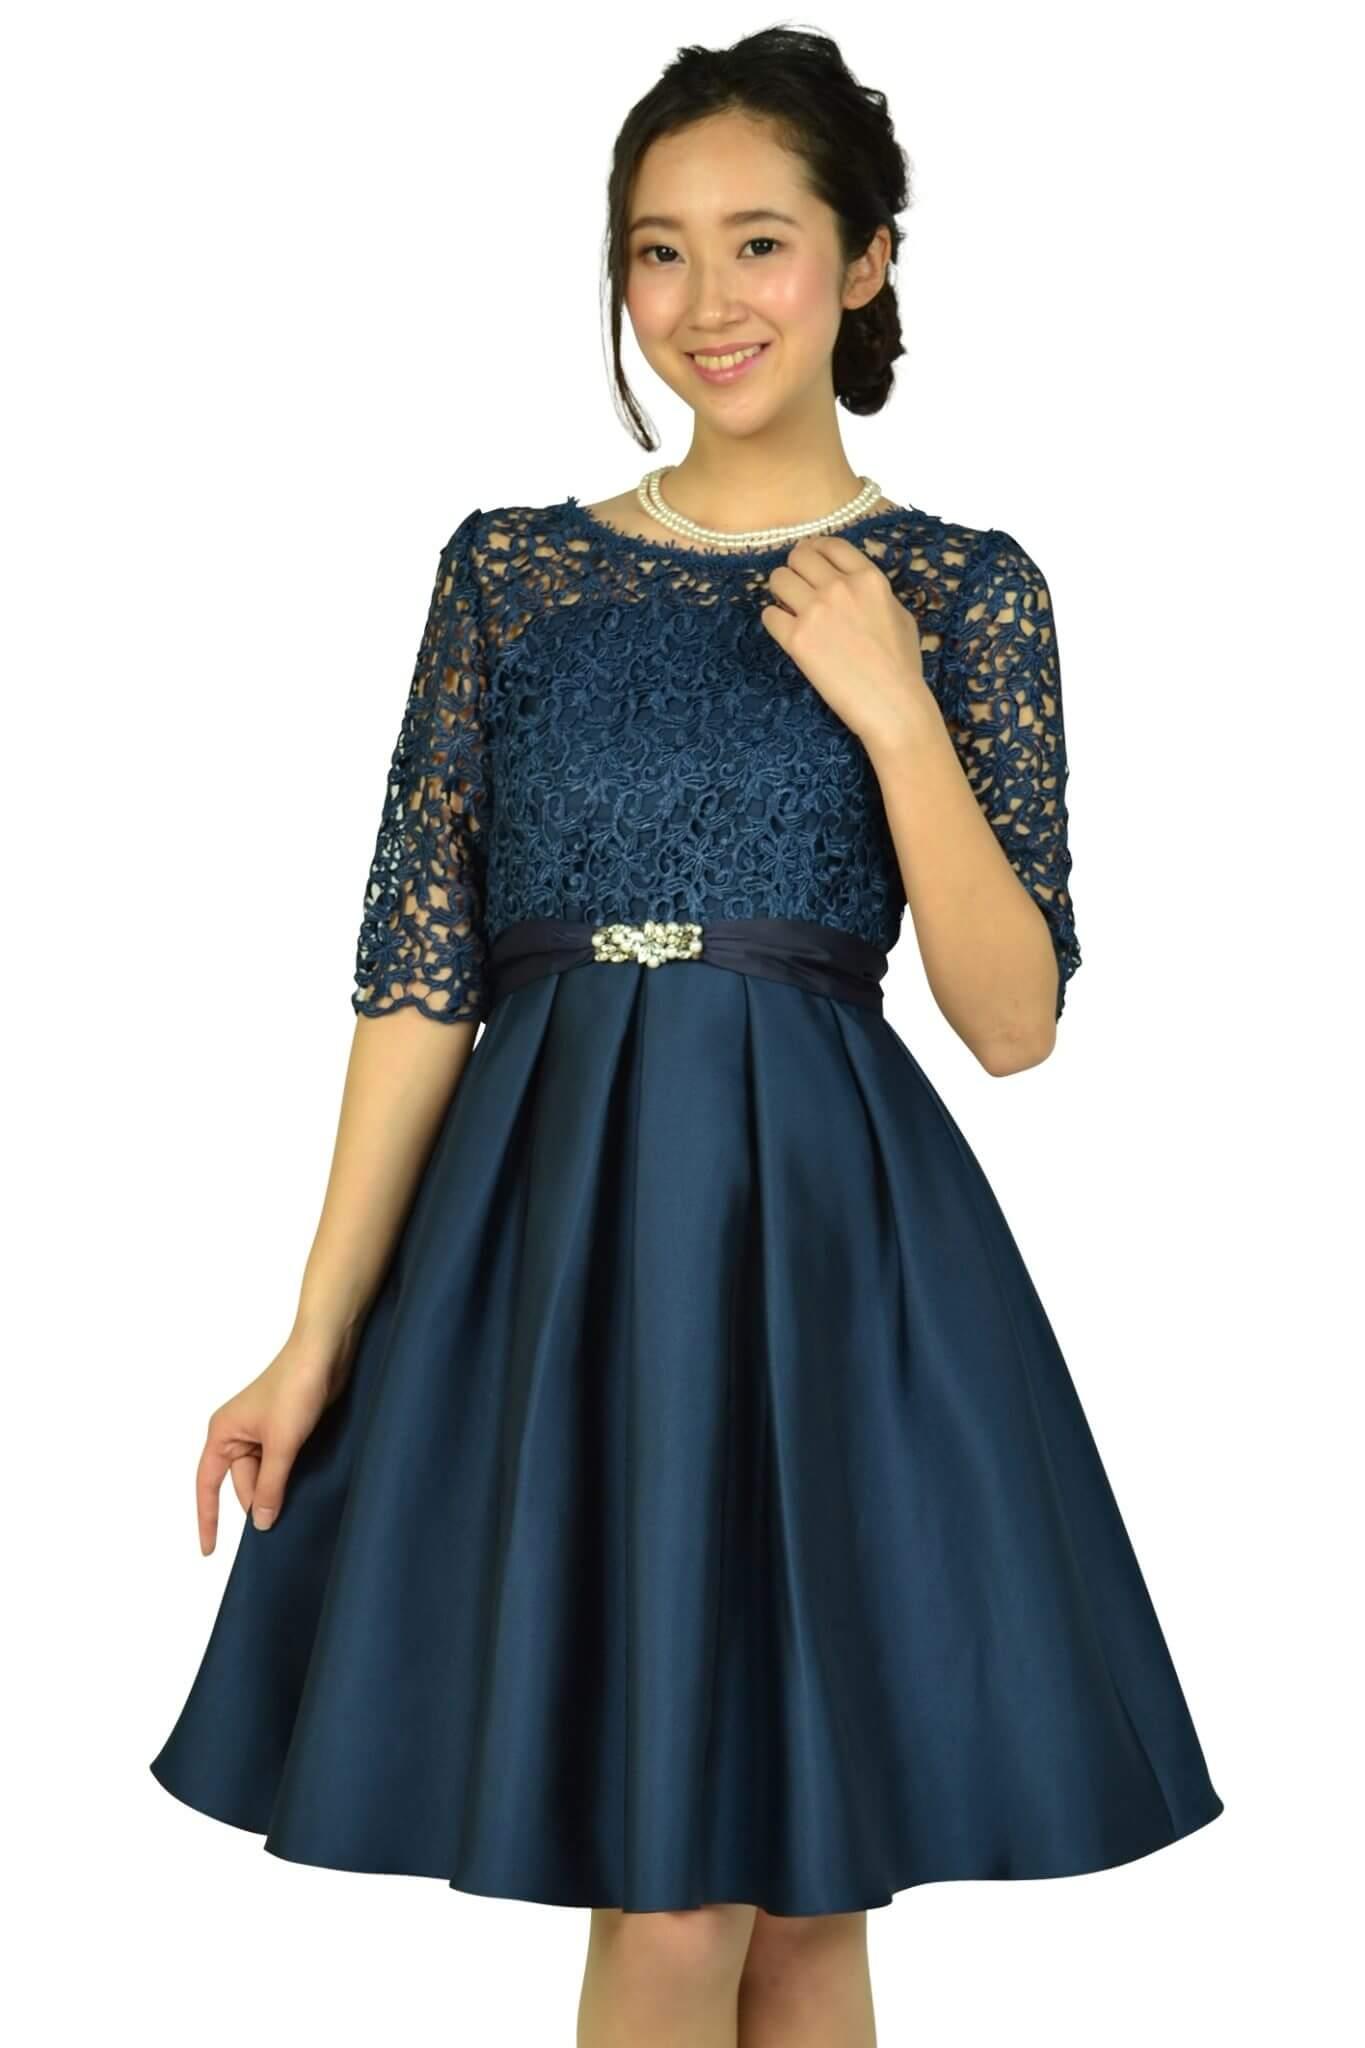 クチュールブローチ(Couture Brooch) フィットアンドフレアレースネイビードレス